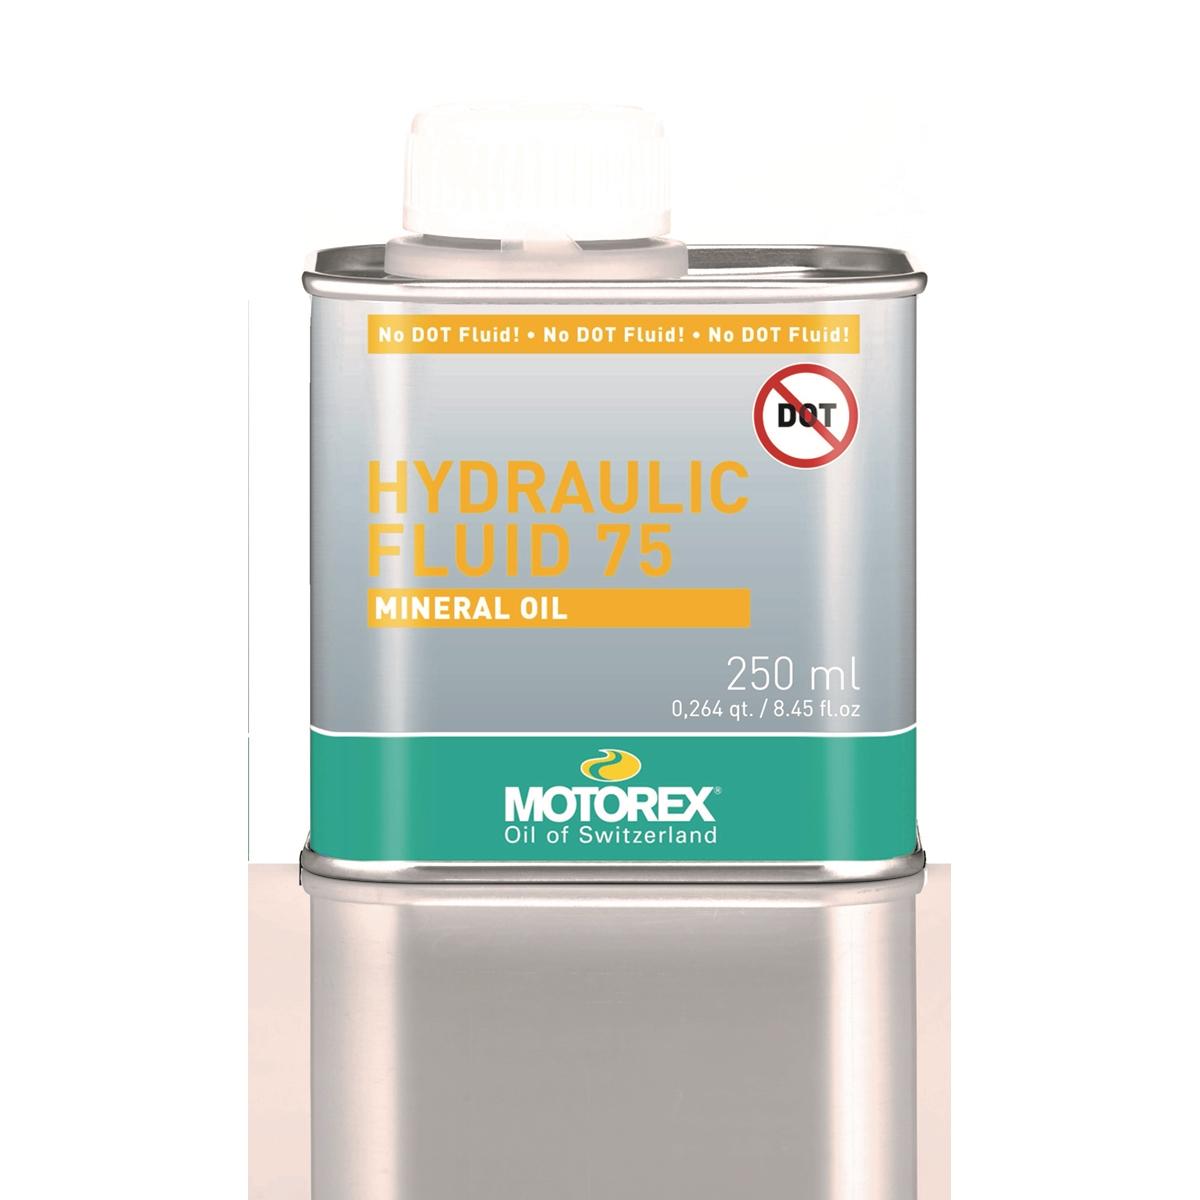 Mineral Oil Hydraulic Fluid Bottle 250ml